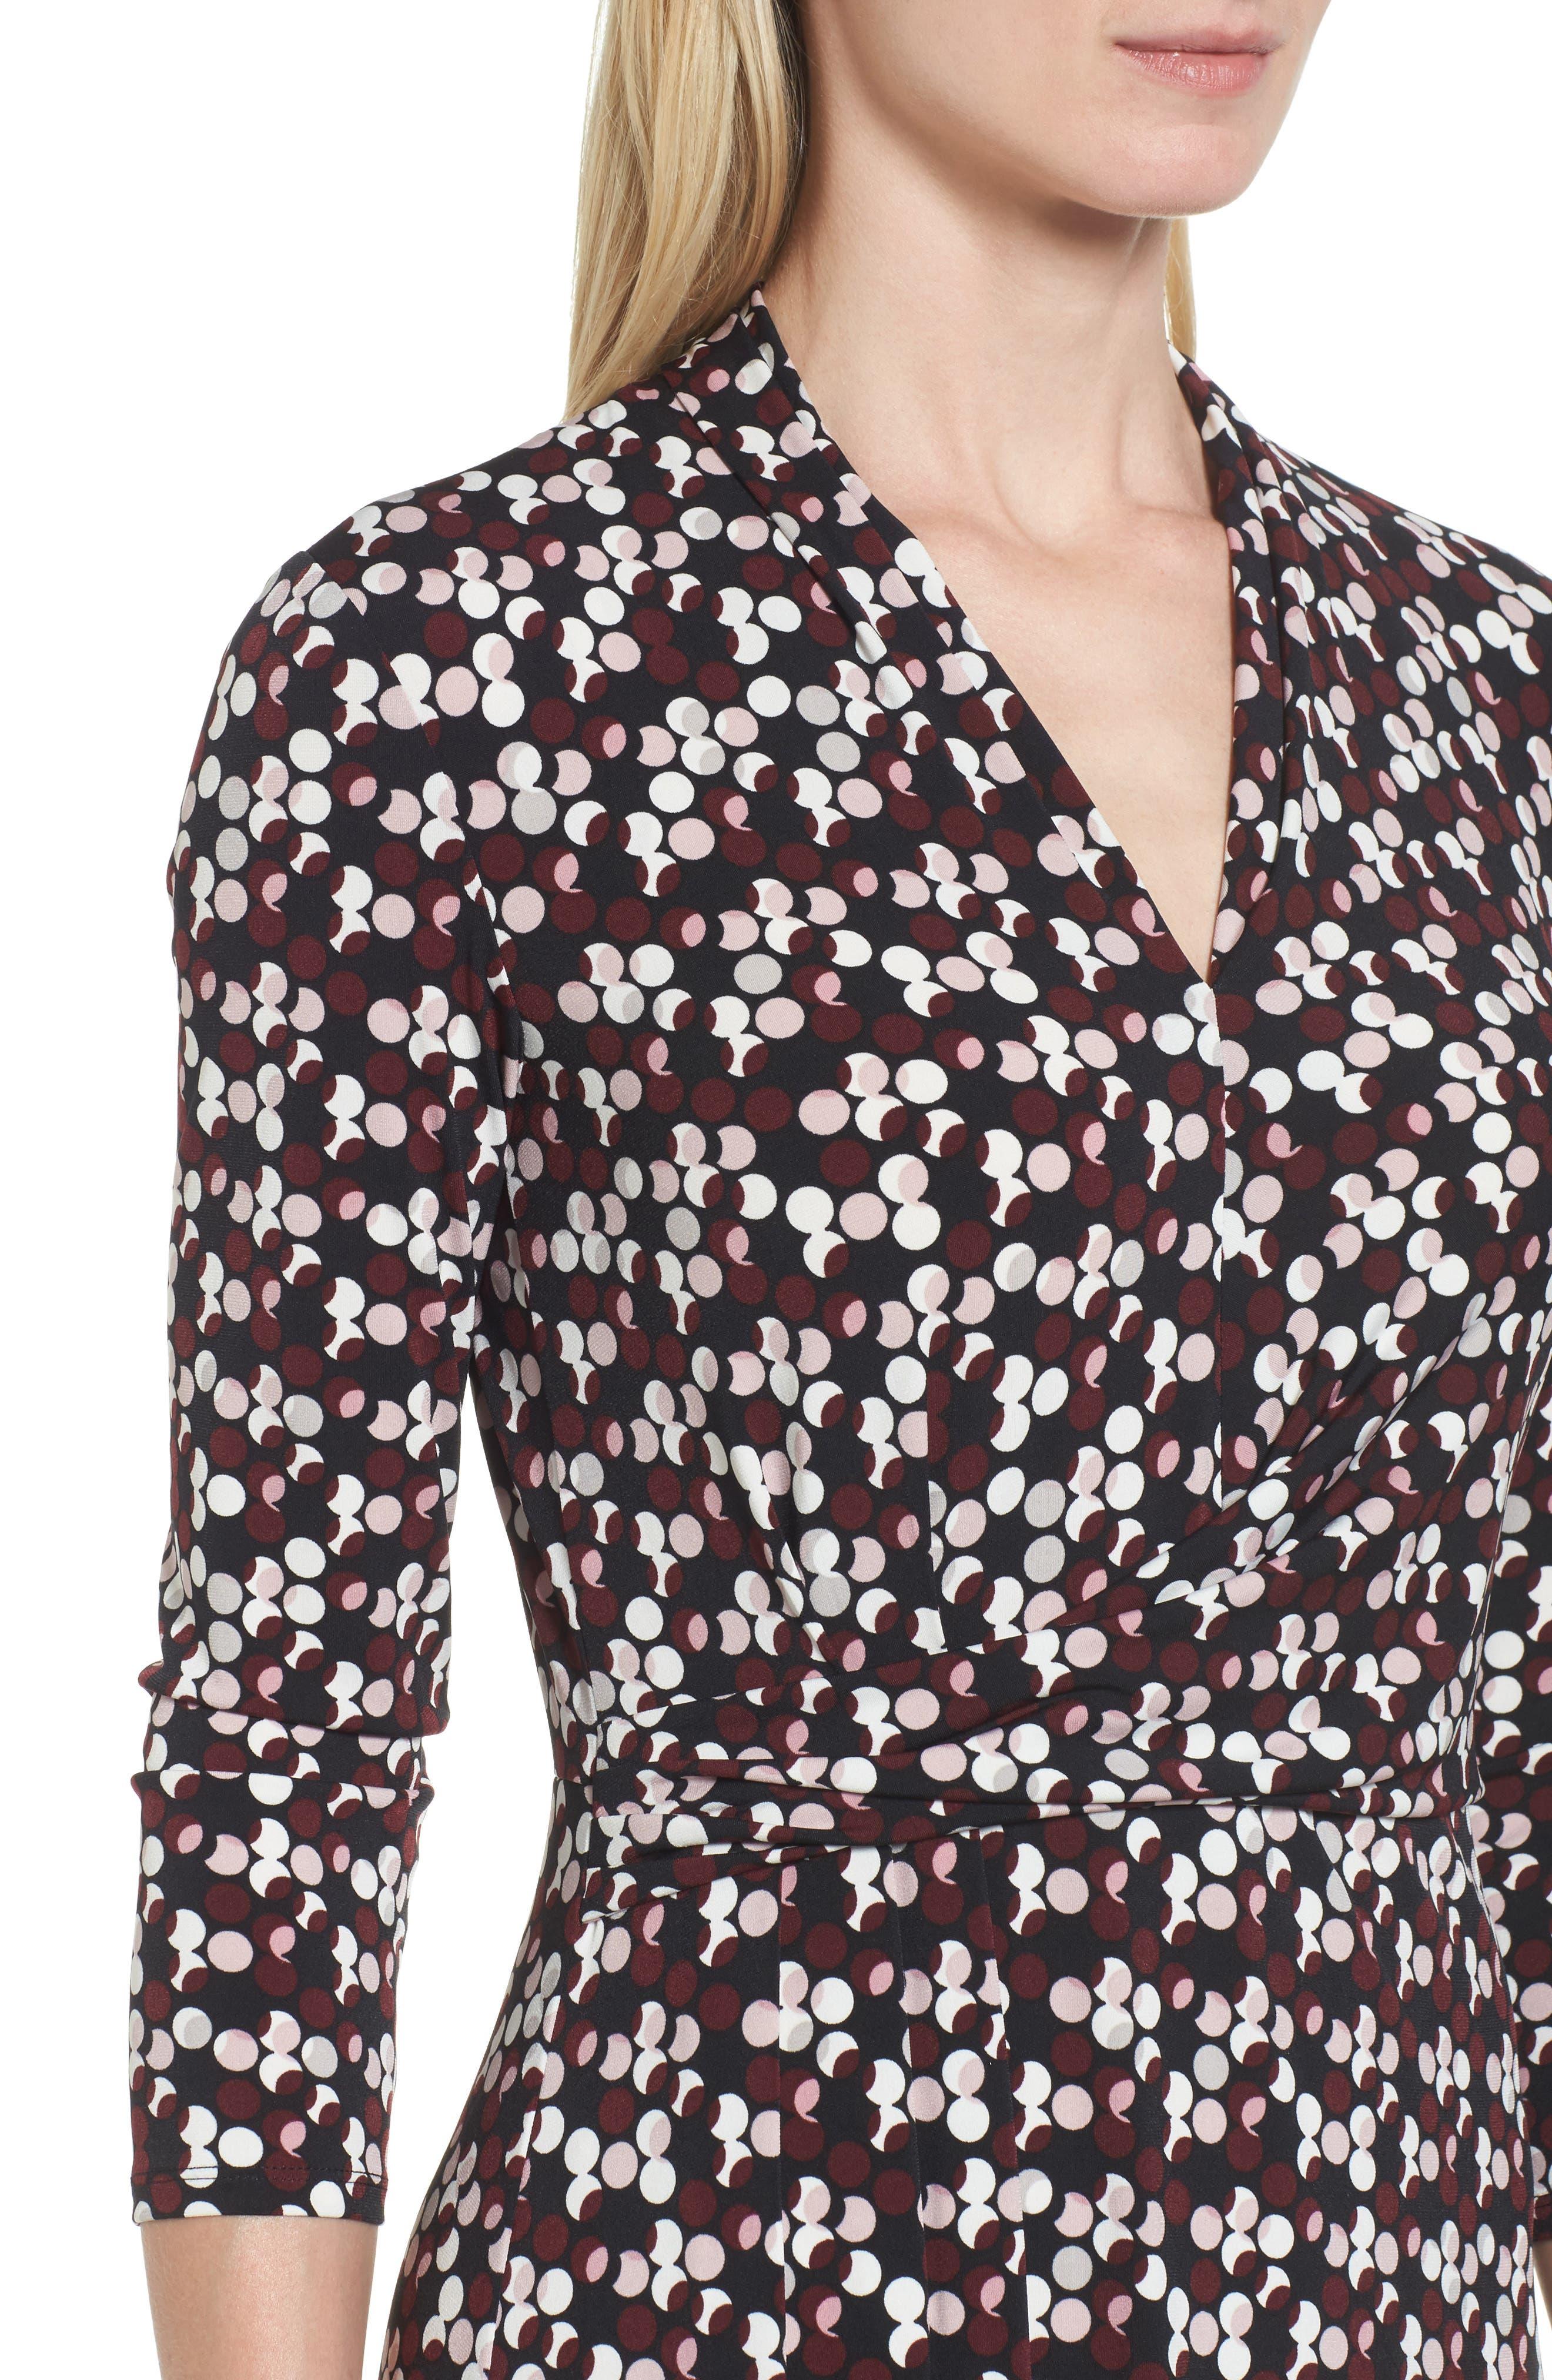 Dot Print Midi Dress,                             Alternate thumbnail 4, color,                             006